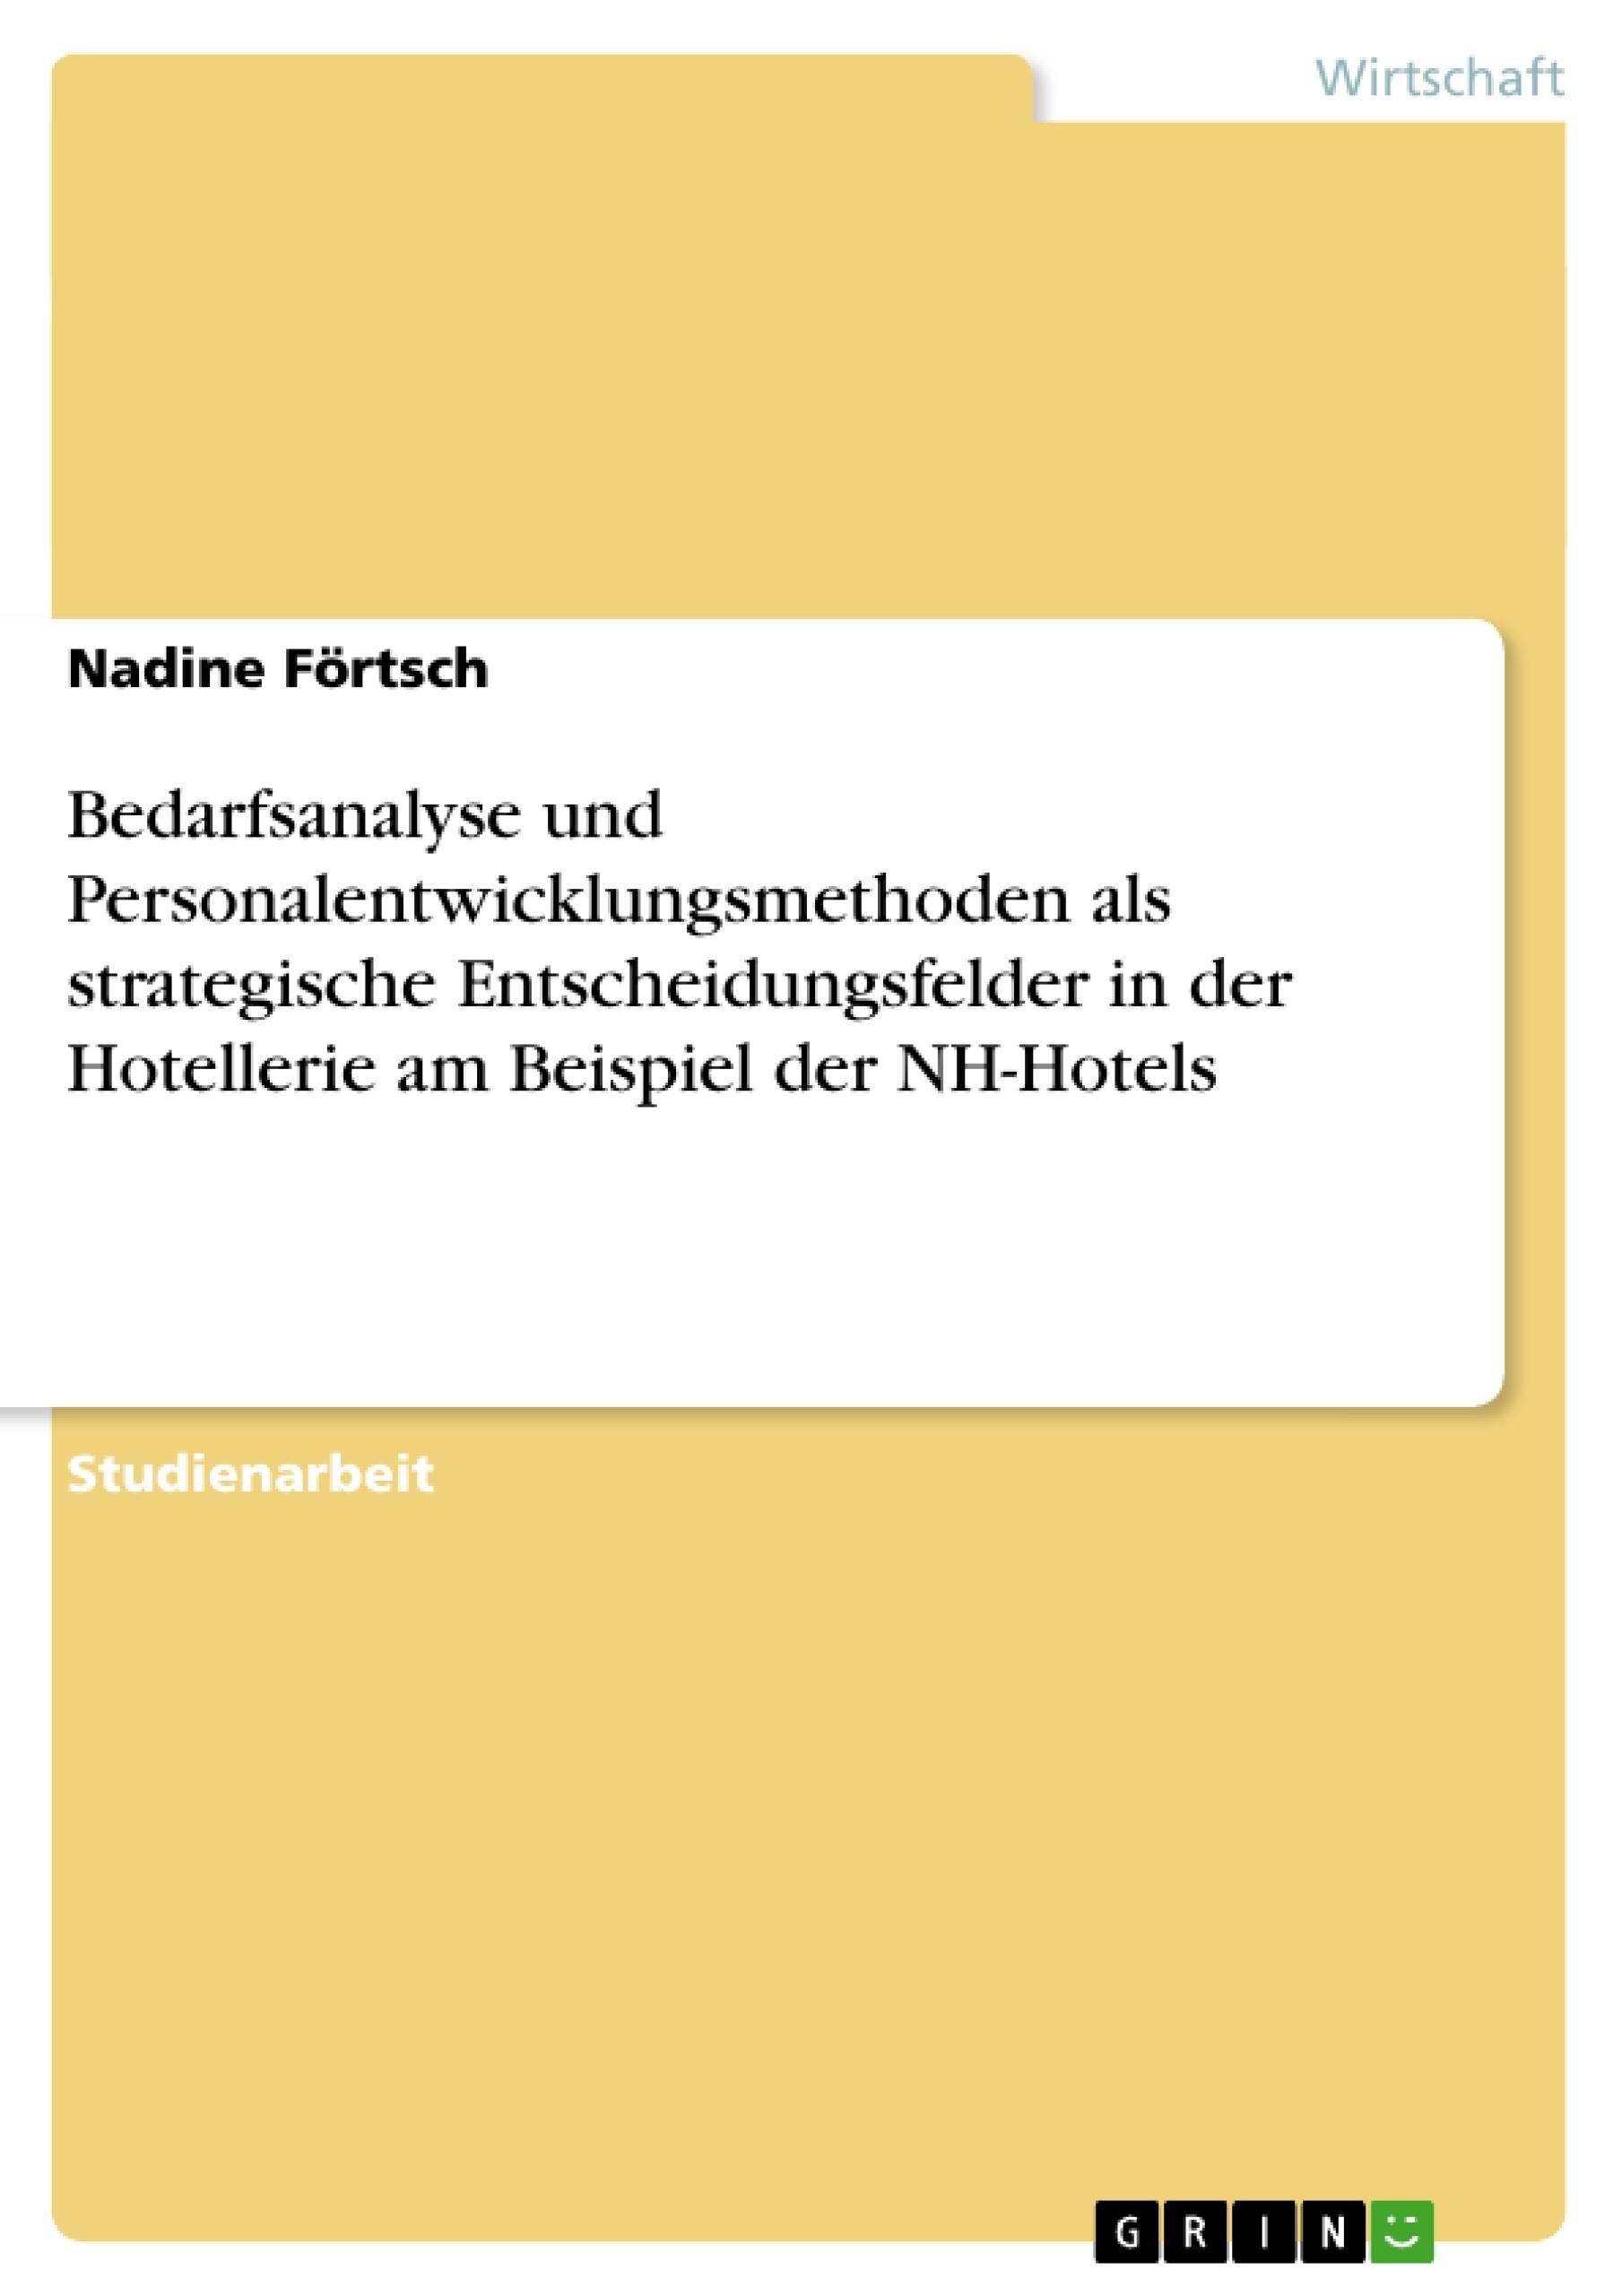 Titel: Bedarfsanalyse und Personalentwicklungsmethoden als strategische Entscheidungsfelder in der Hotellerie am Beispiel der NH-Hotels